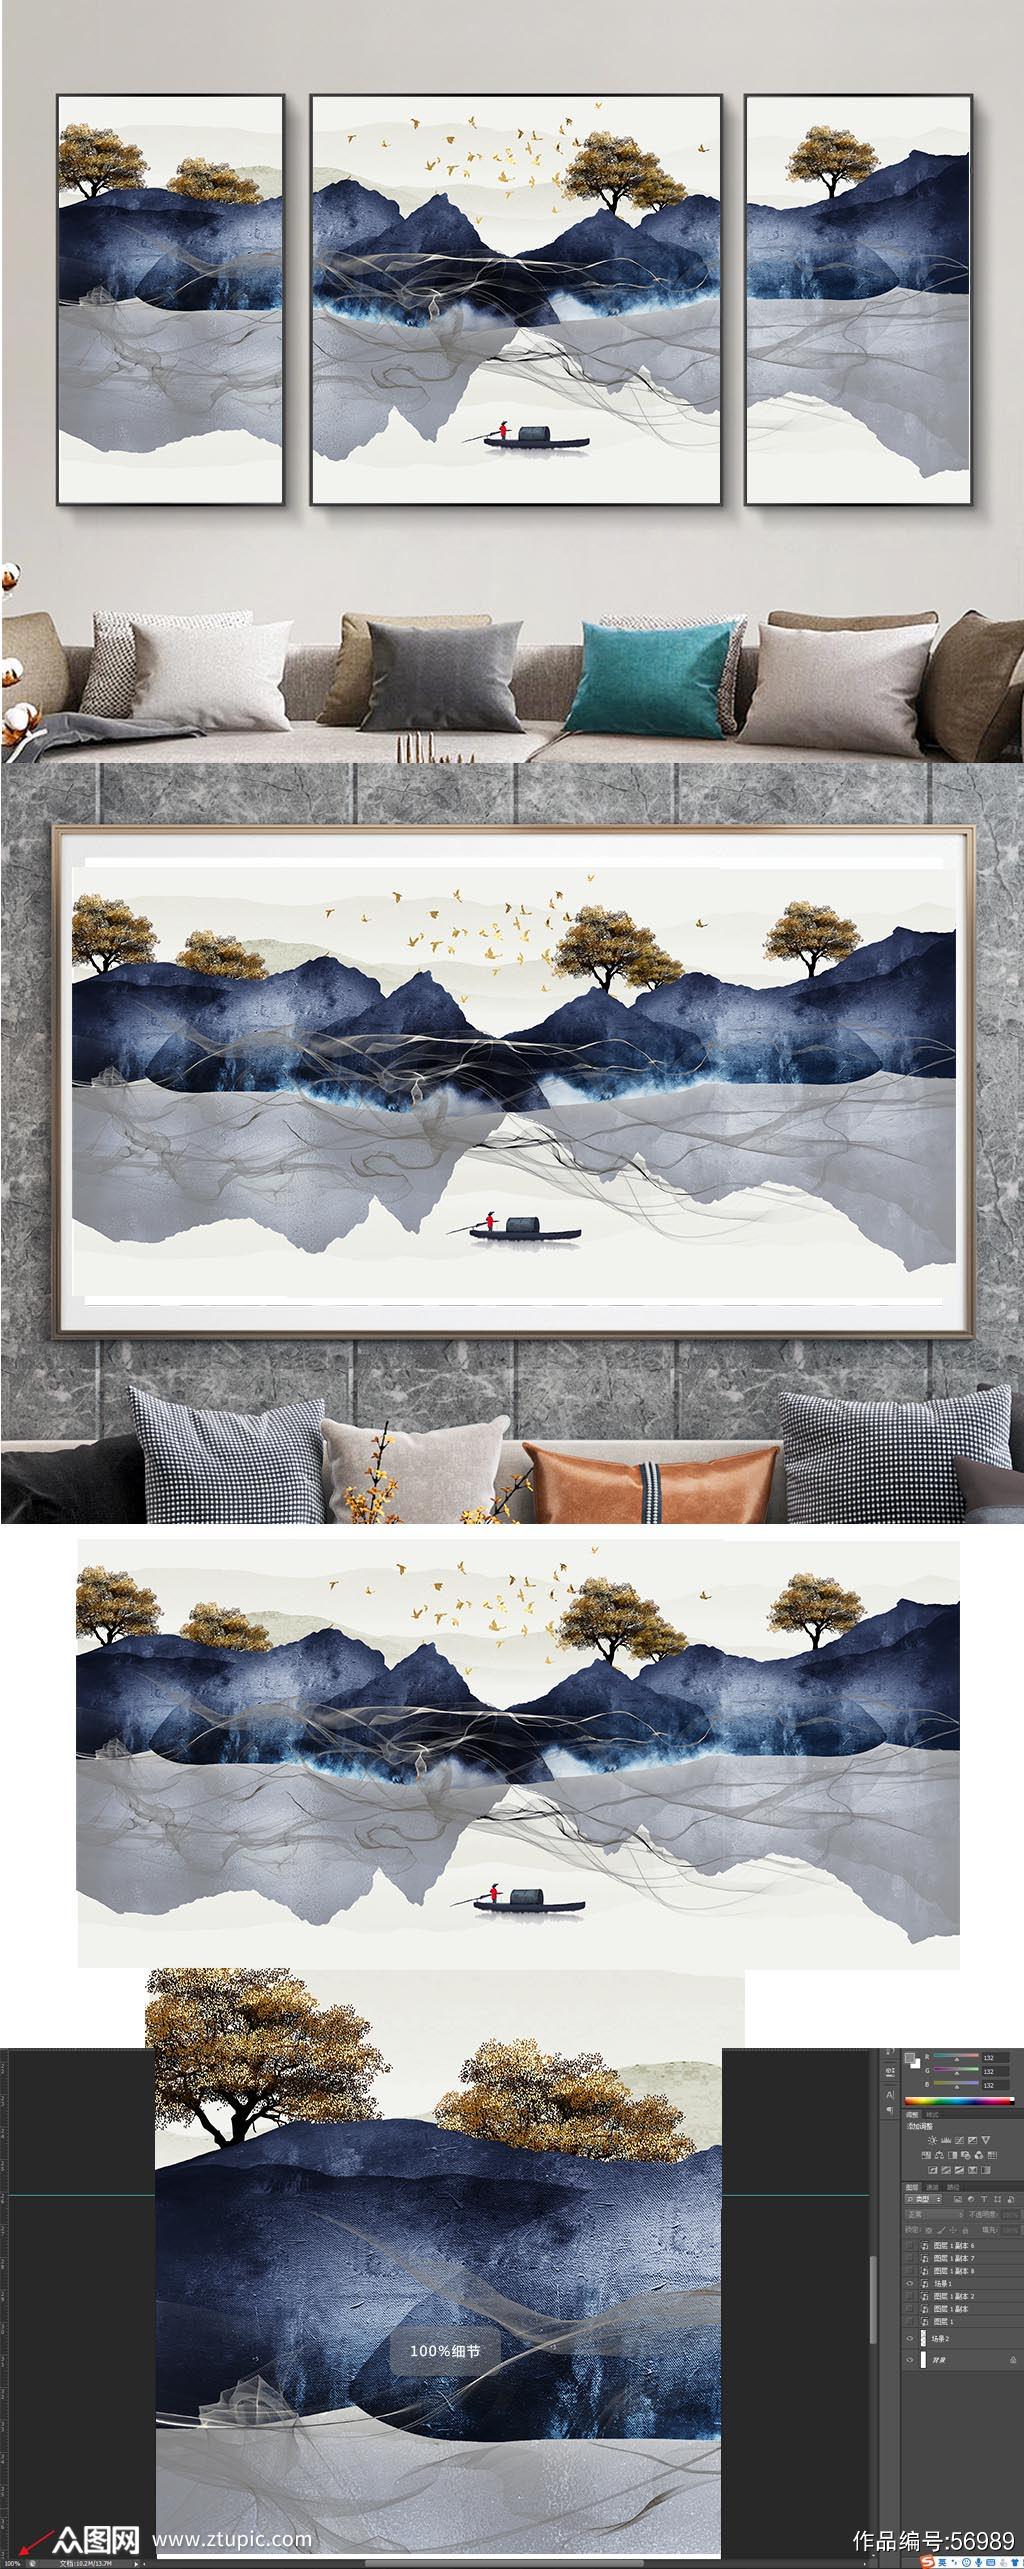 轻奢山水风景抽象装饰画素材